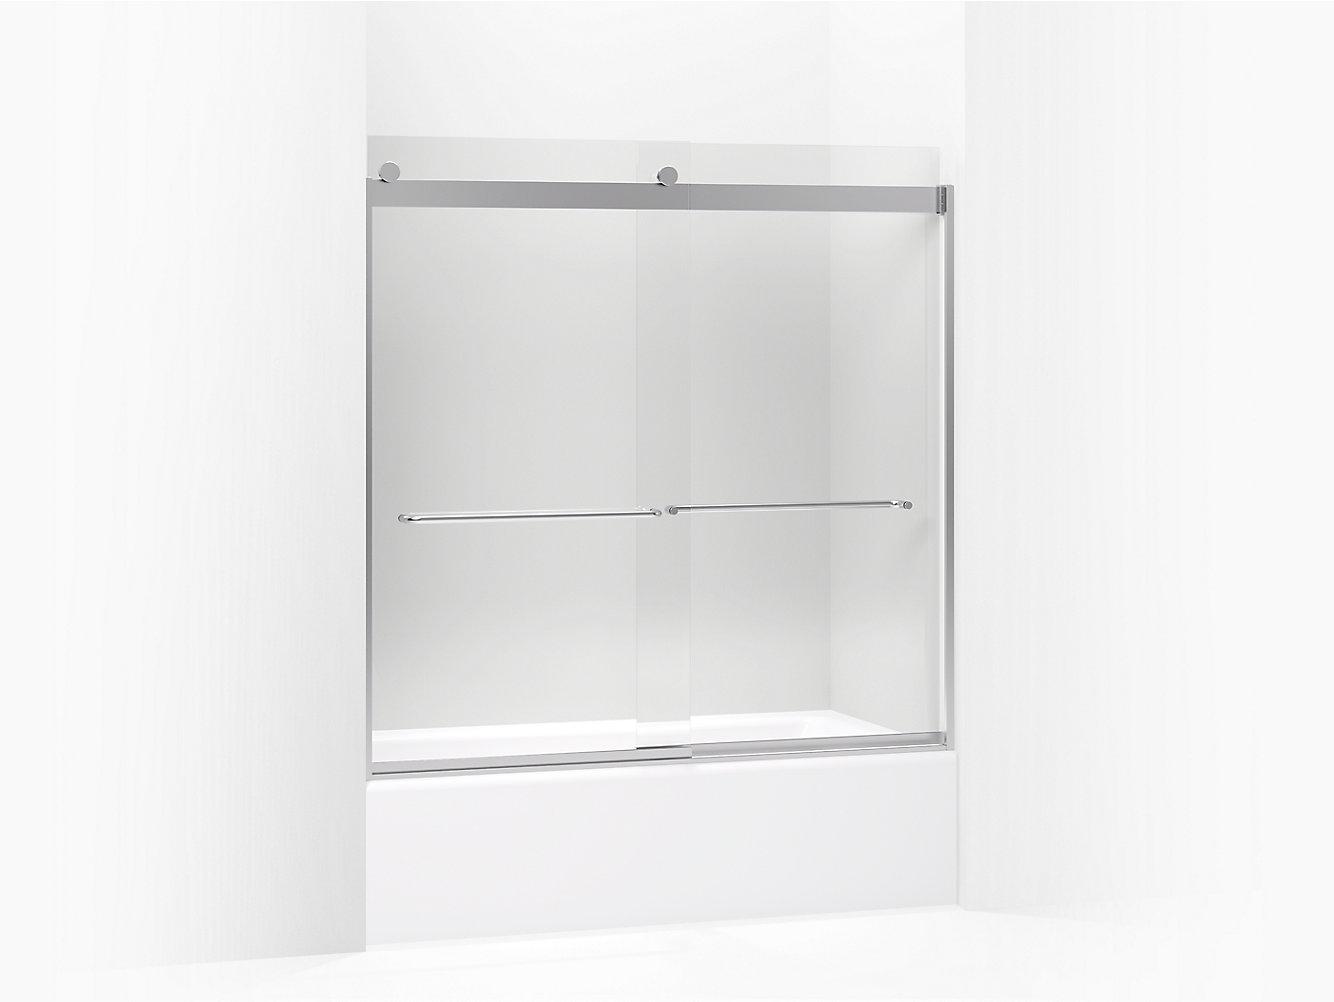 Levity Frameless Sliding Bath Door K 706006 L Kohler